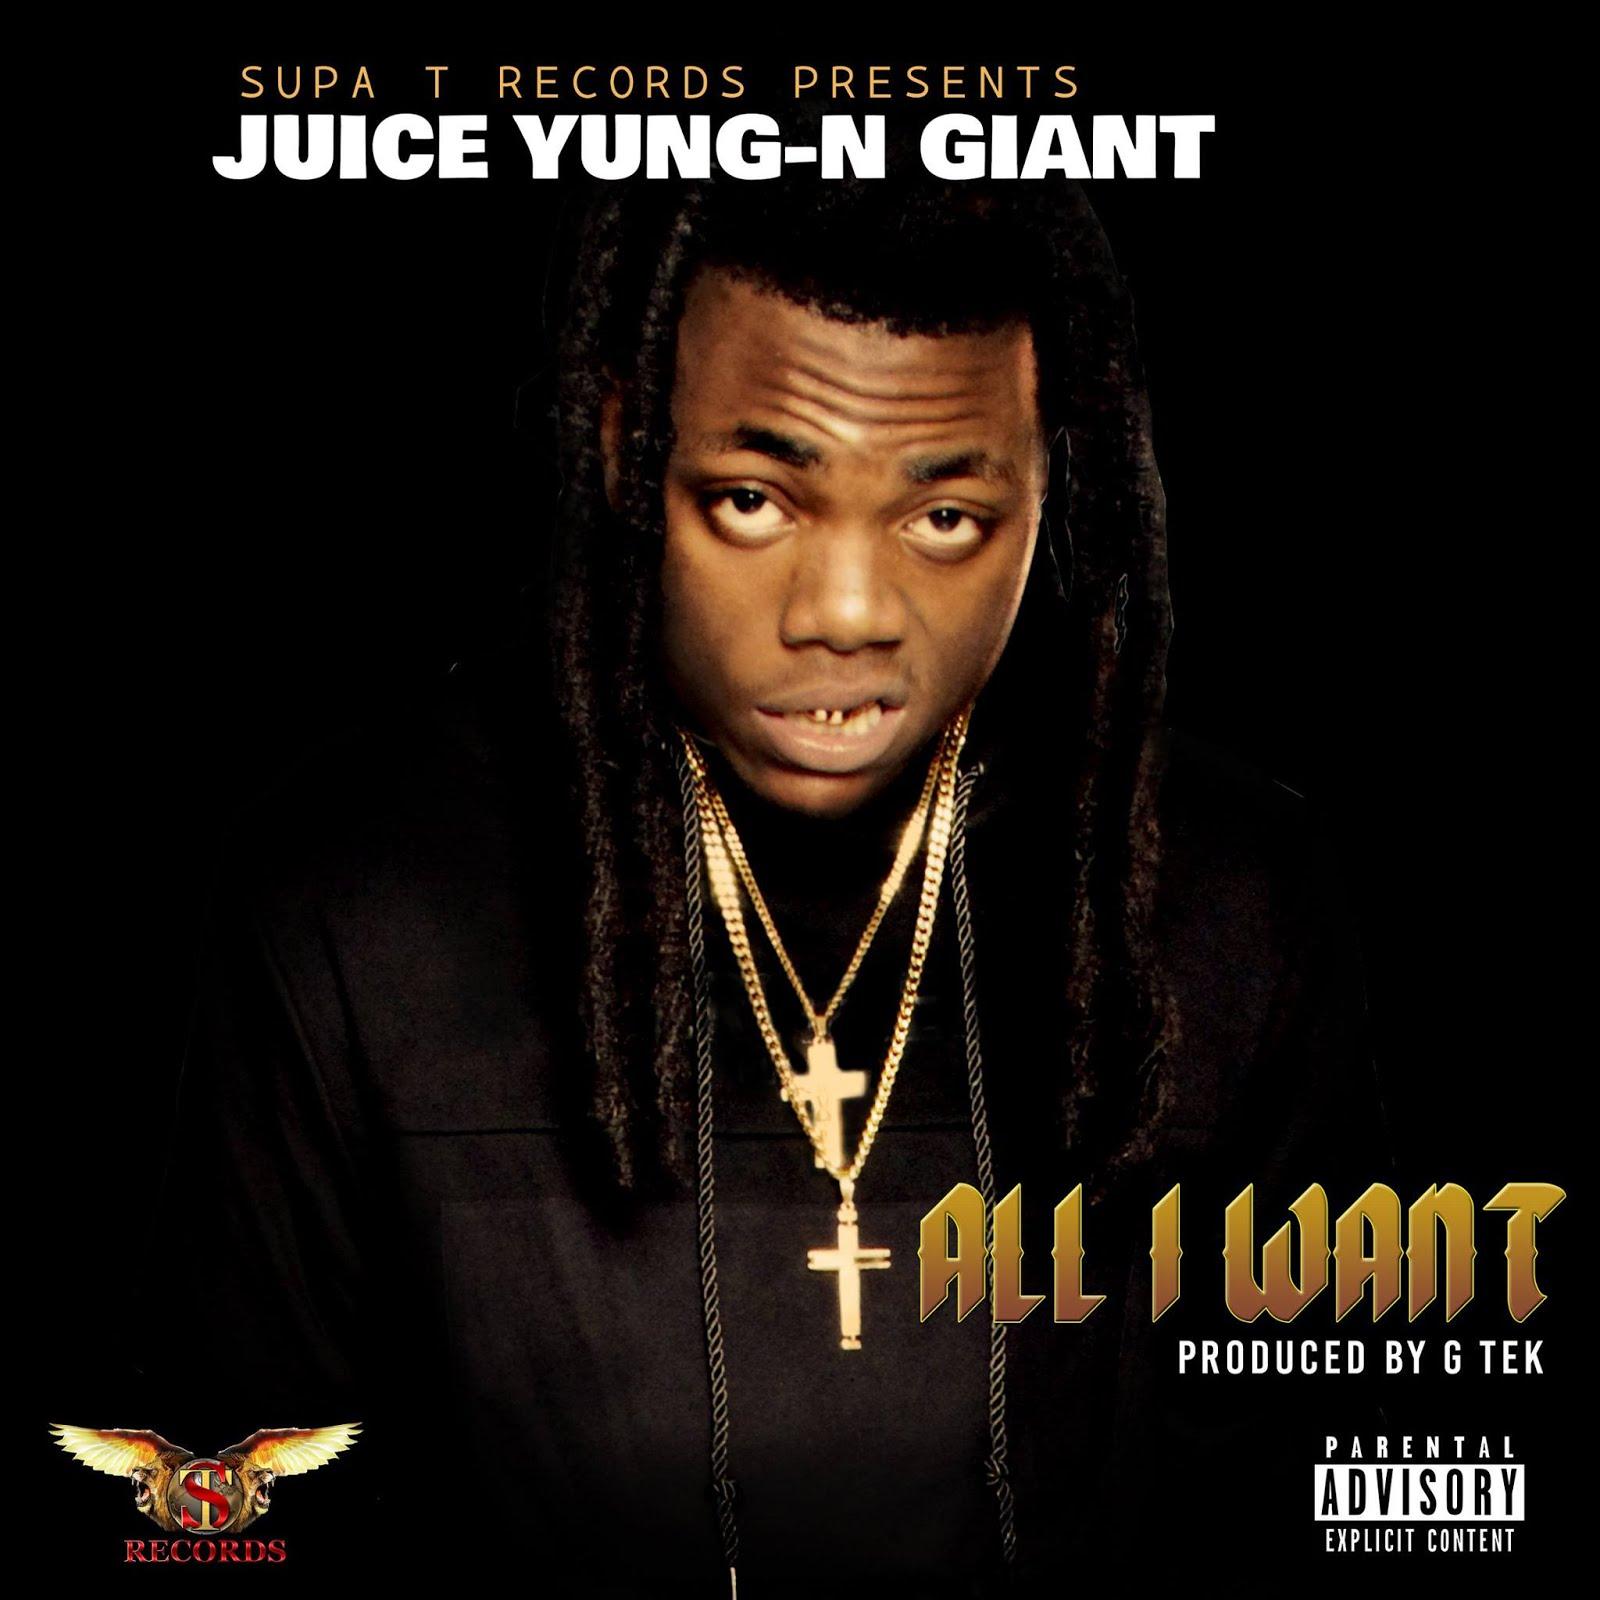 JUICE YUNG-N GIANT